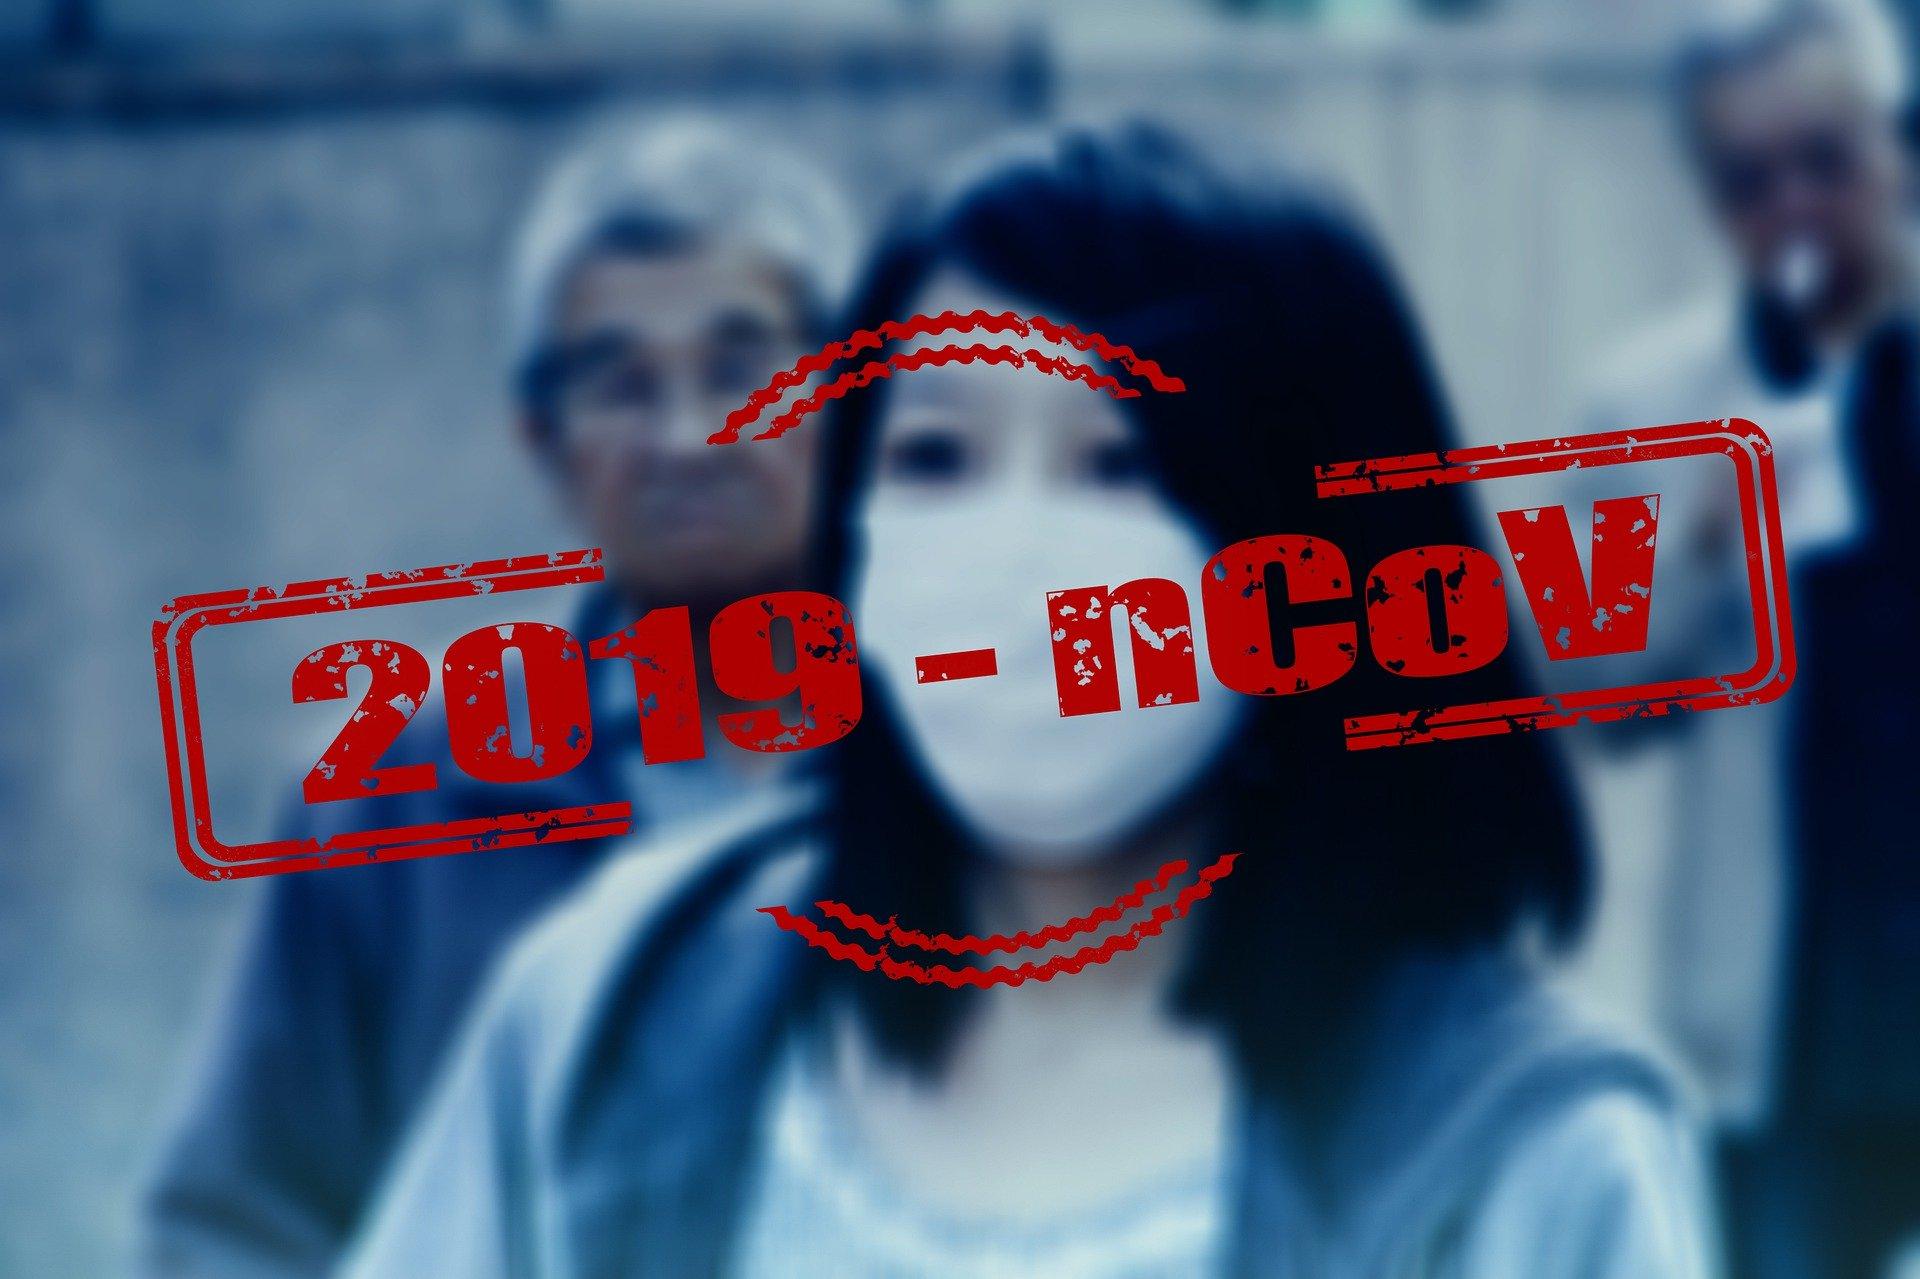 Spekulation um Coronavirus: Ist es einem Labor entwichen?